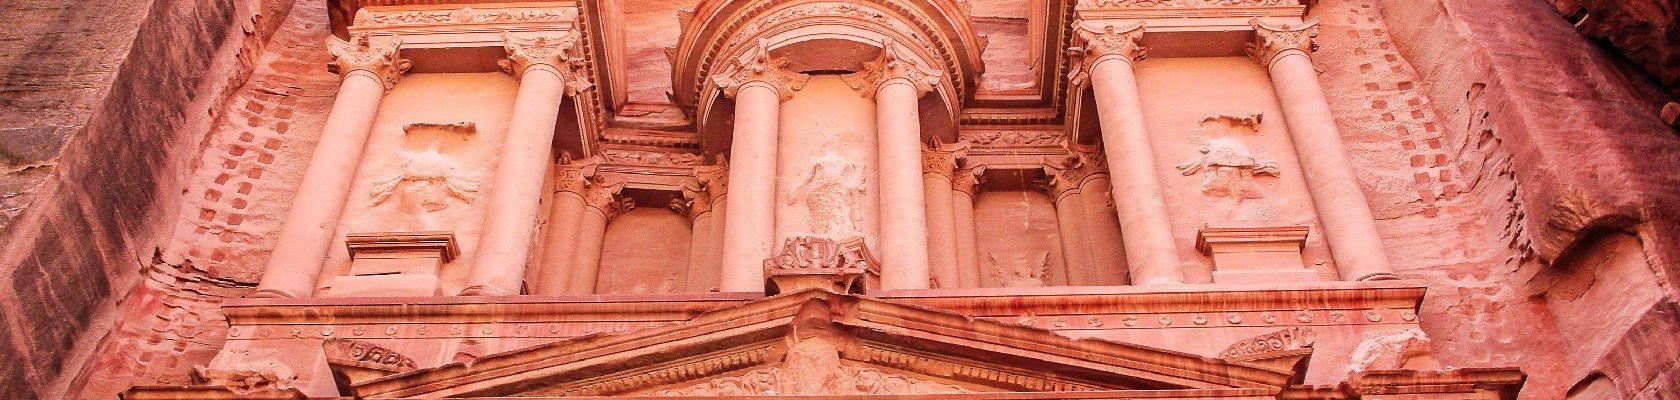 Delegendarische Roze Stad, Petra